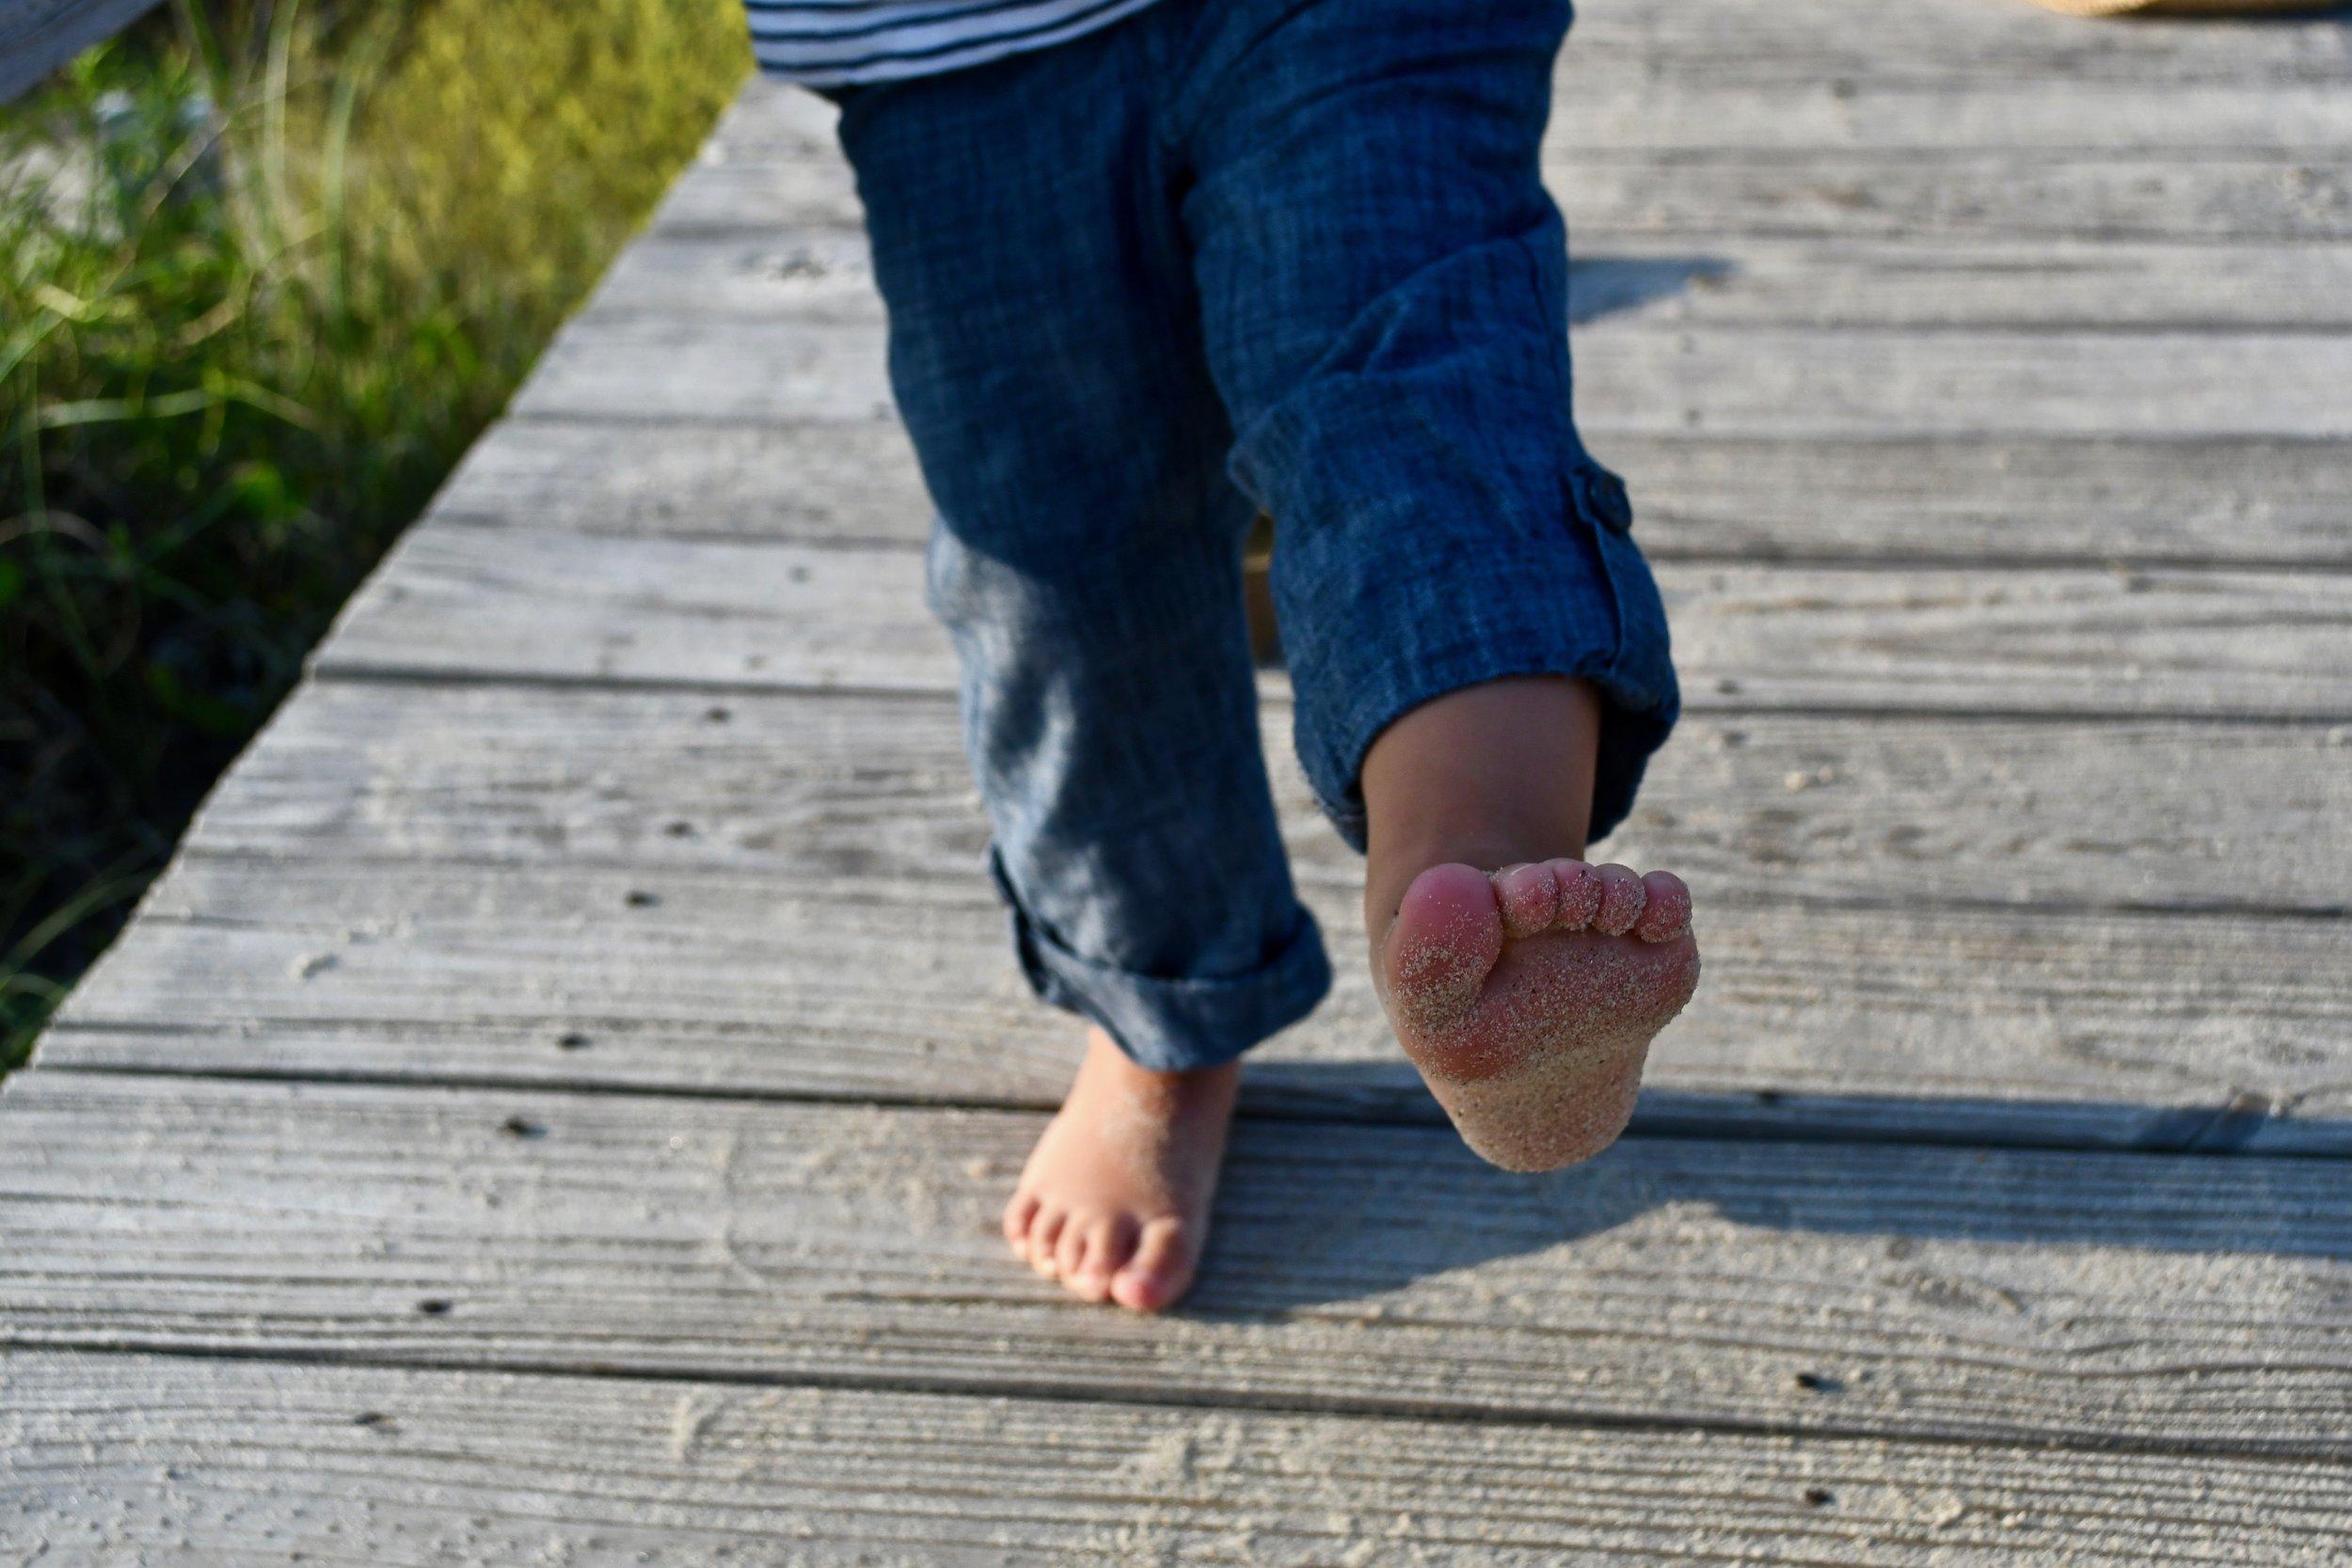 Cutest baby feet!